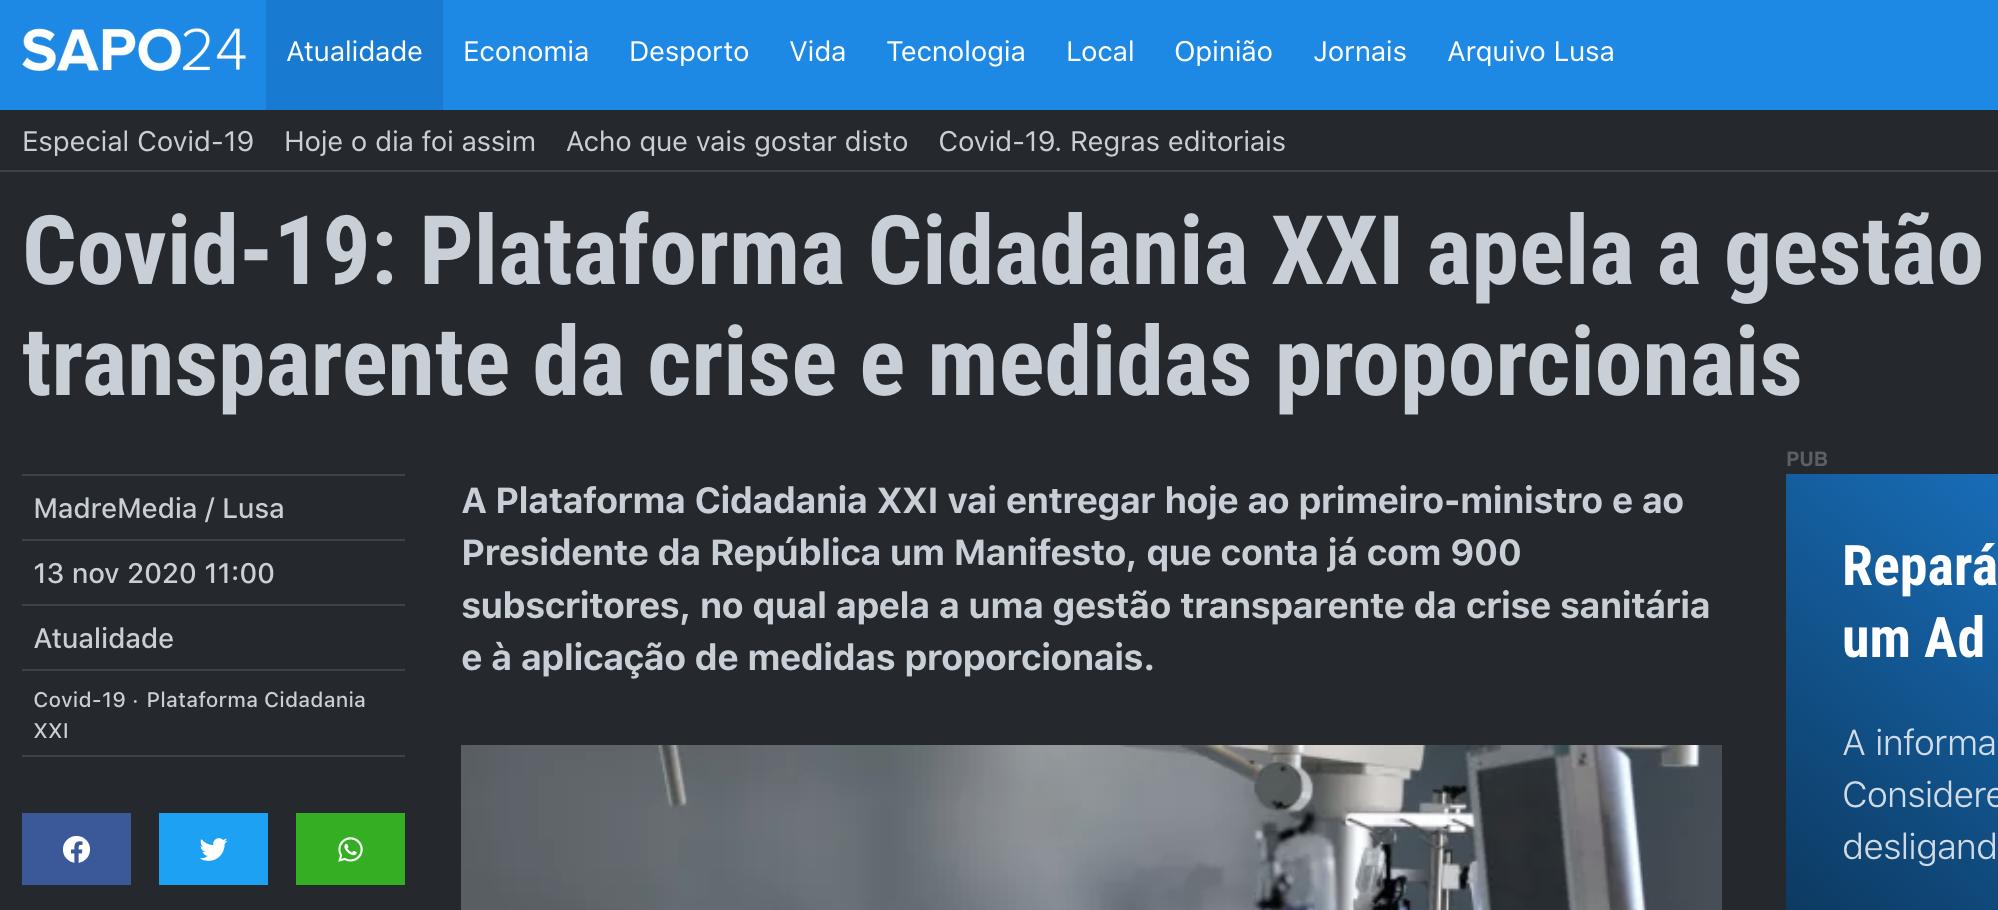 Covid-19: Plataforma Cidadania XXI apela a gestão transparente da crise e medidas proporcionais